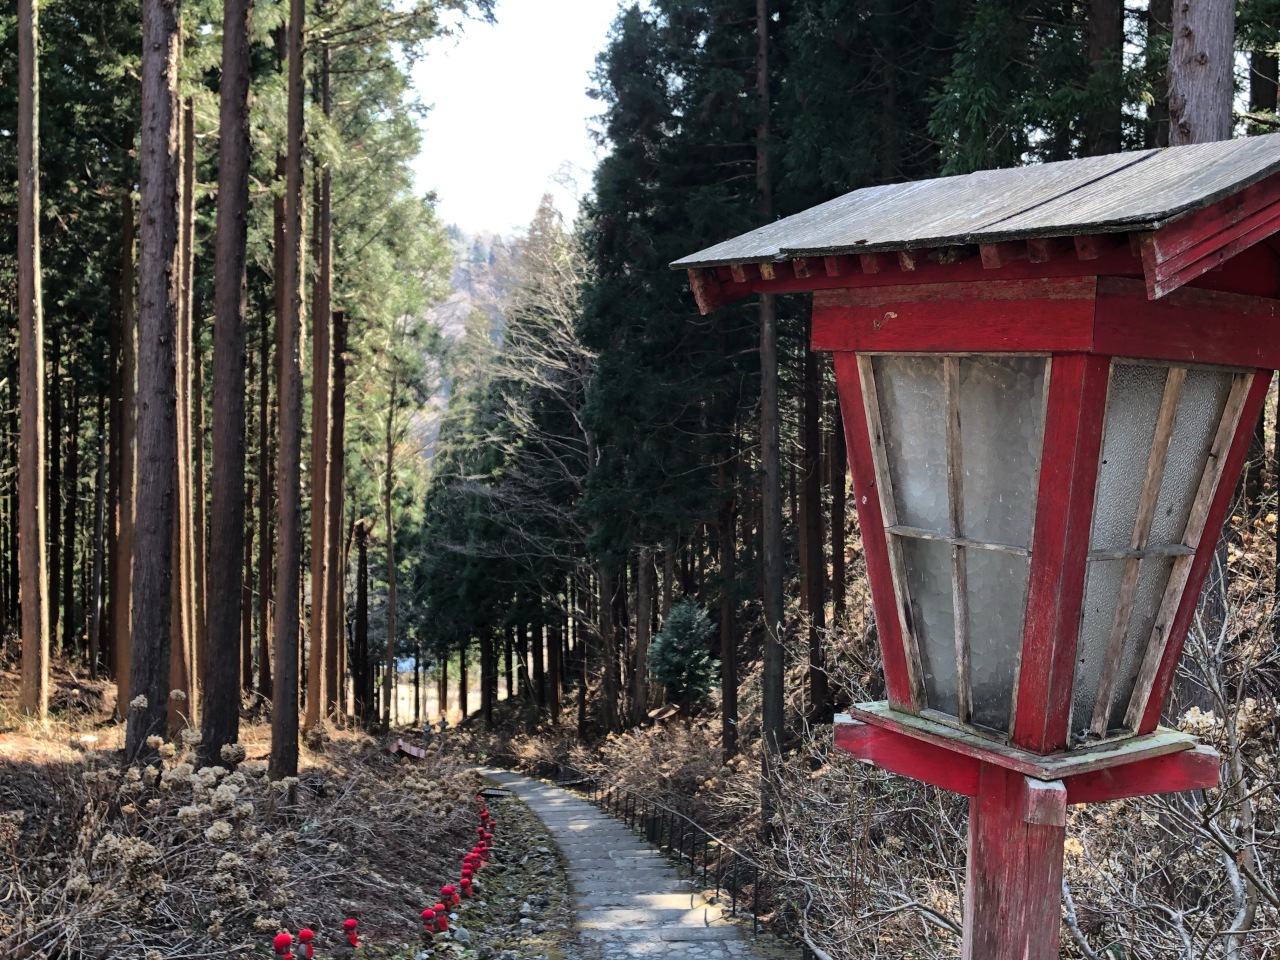 Tendai-ji 天台寺